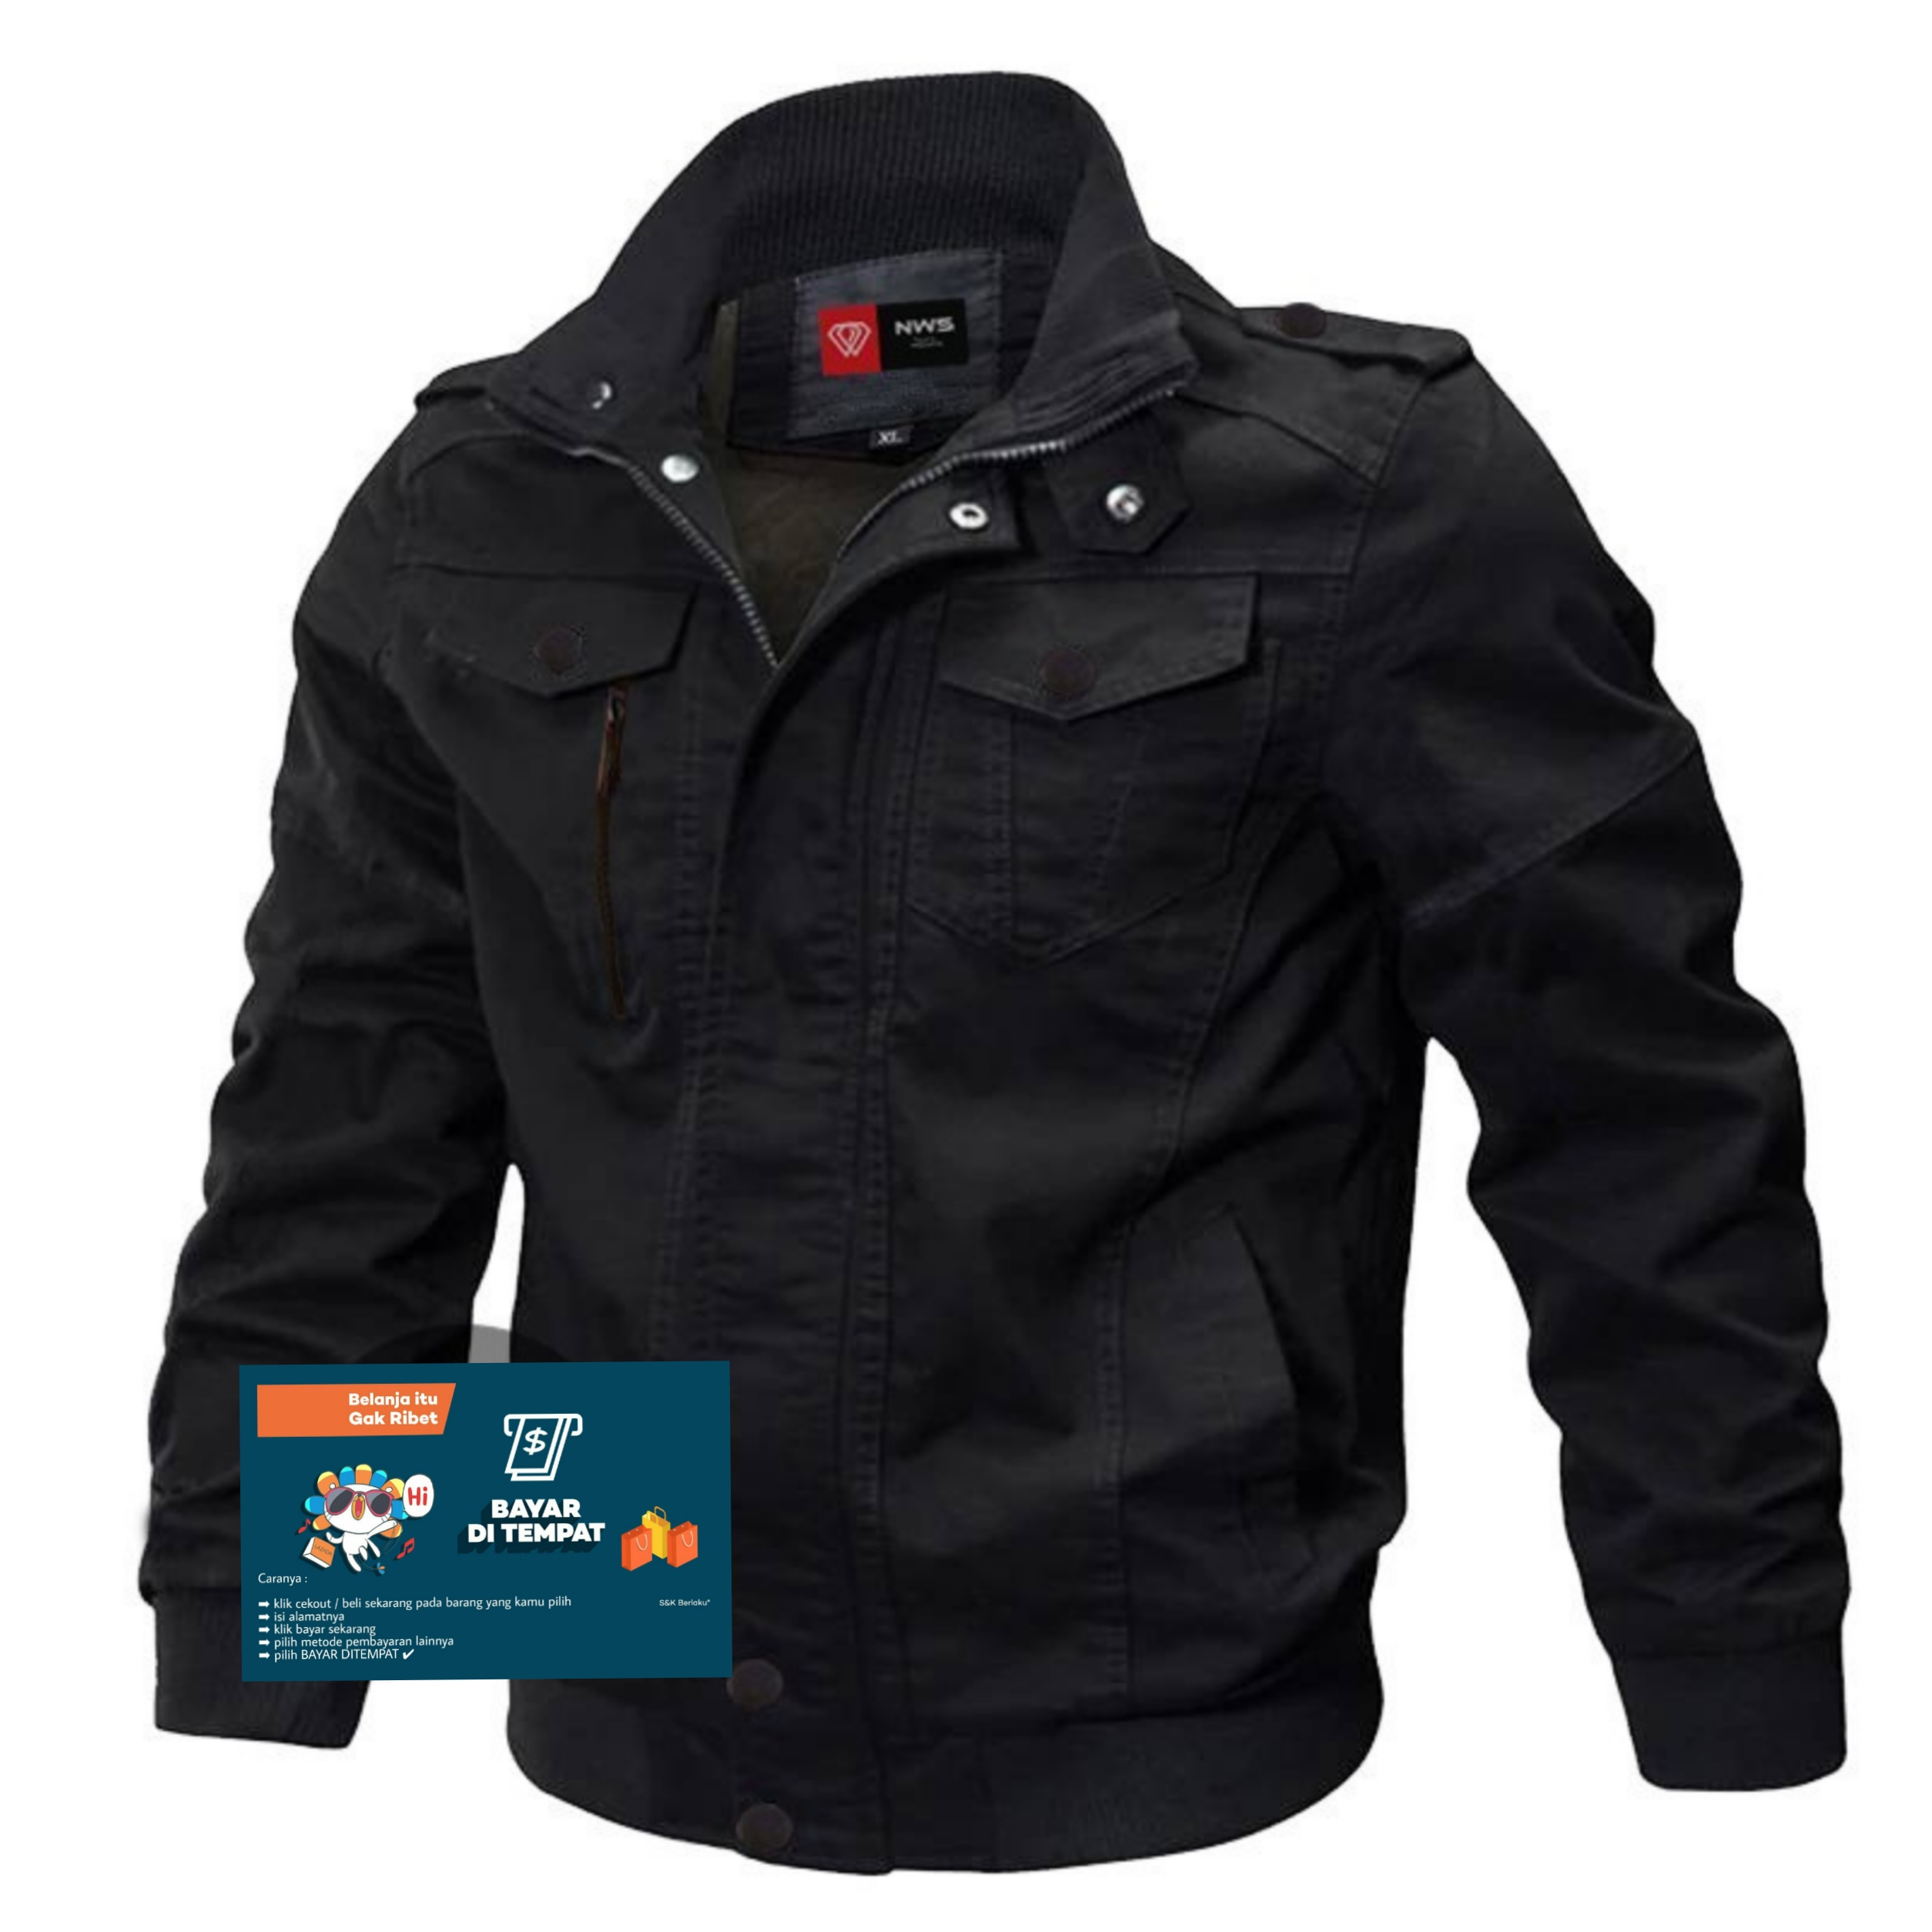 banget jaket pria model korea .jaket bomber outdoor bahan bagus enak pakai 2 lapis ..jaken bomber